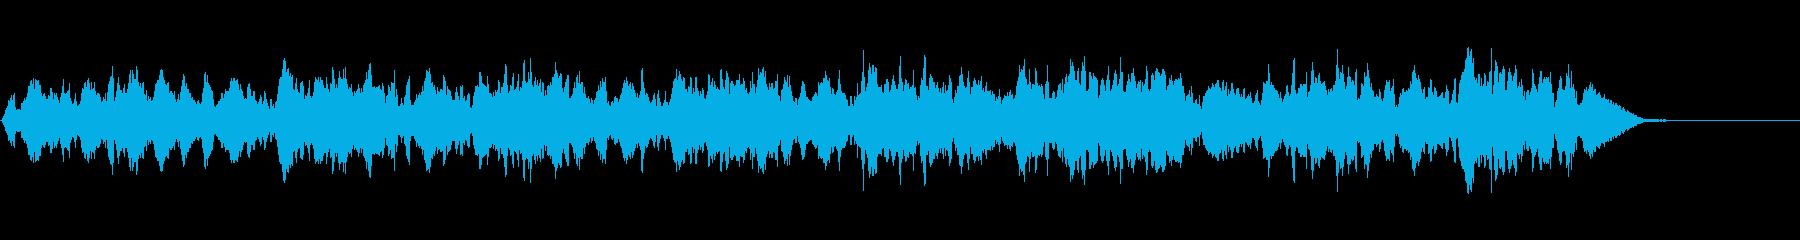 生演奏の弦楽四重奏「トロイメライ」の再生済みの波形